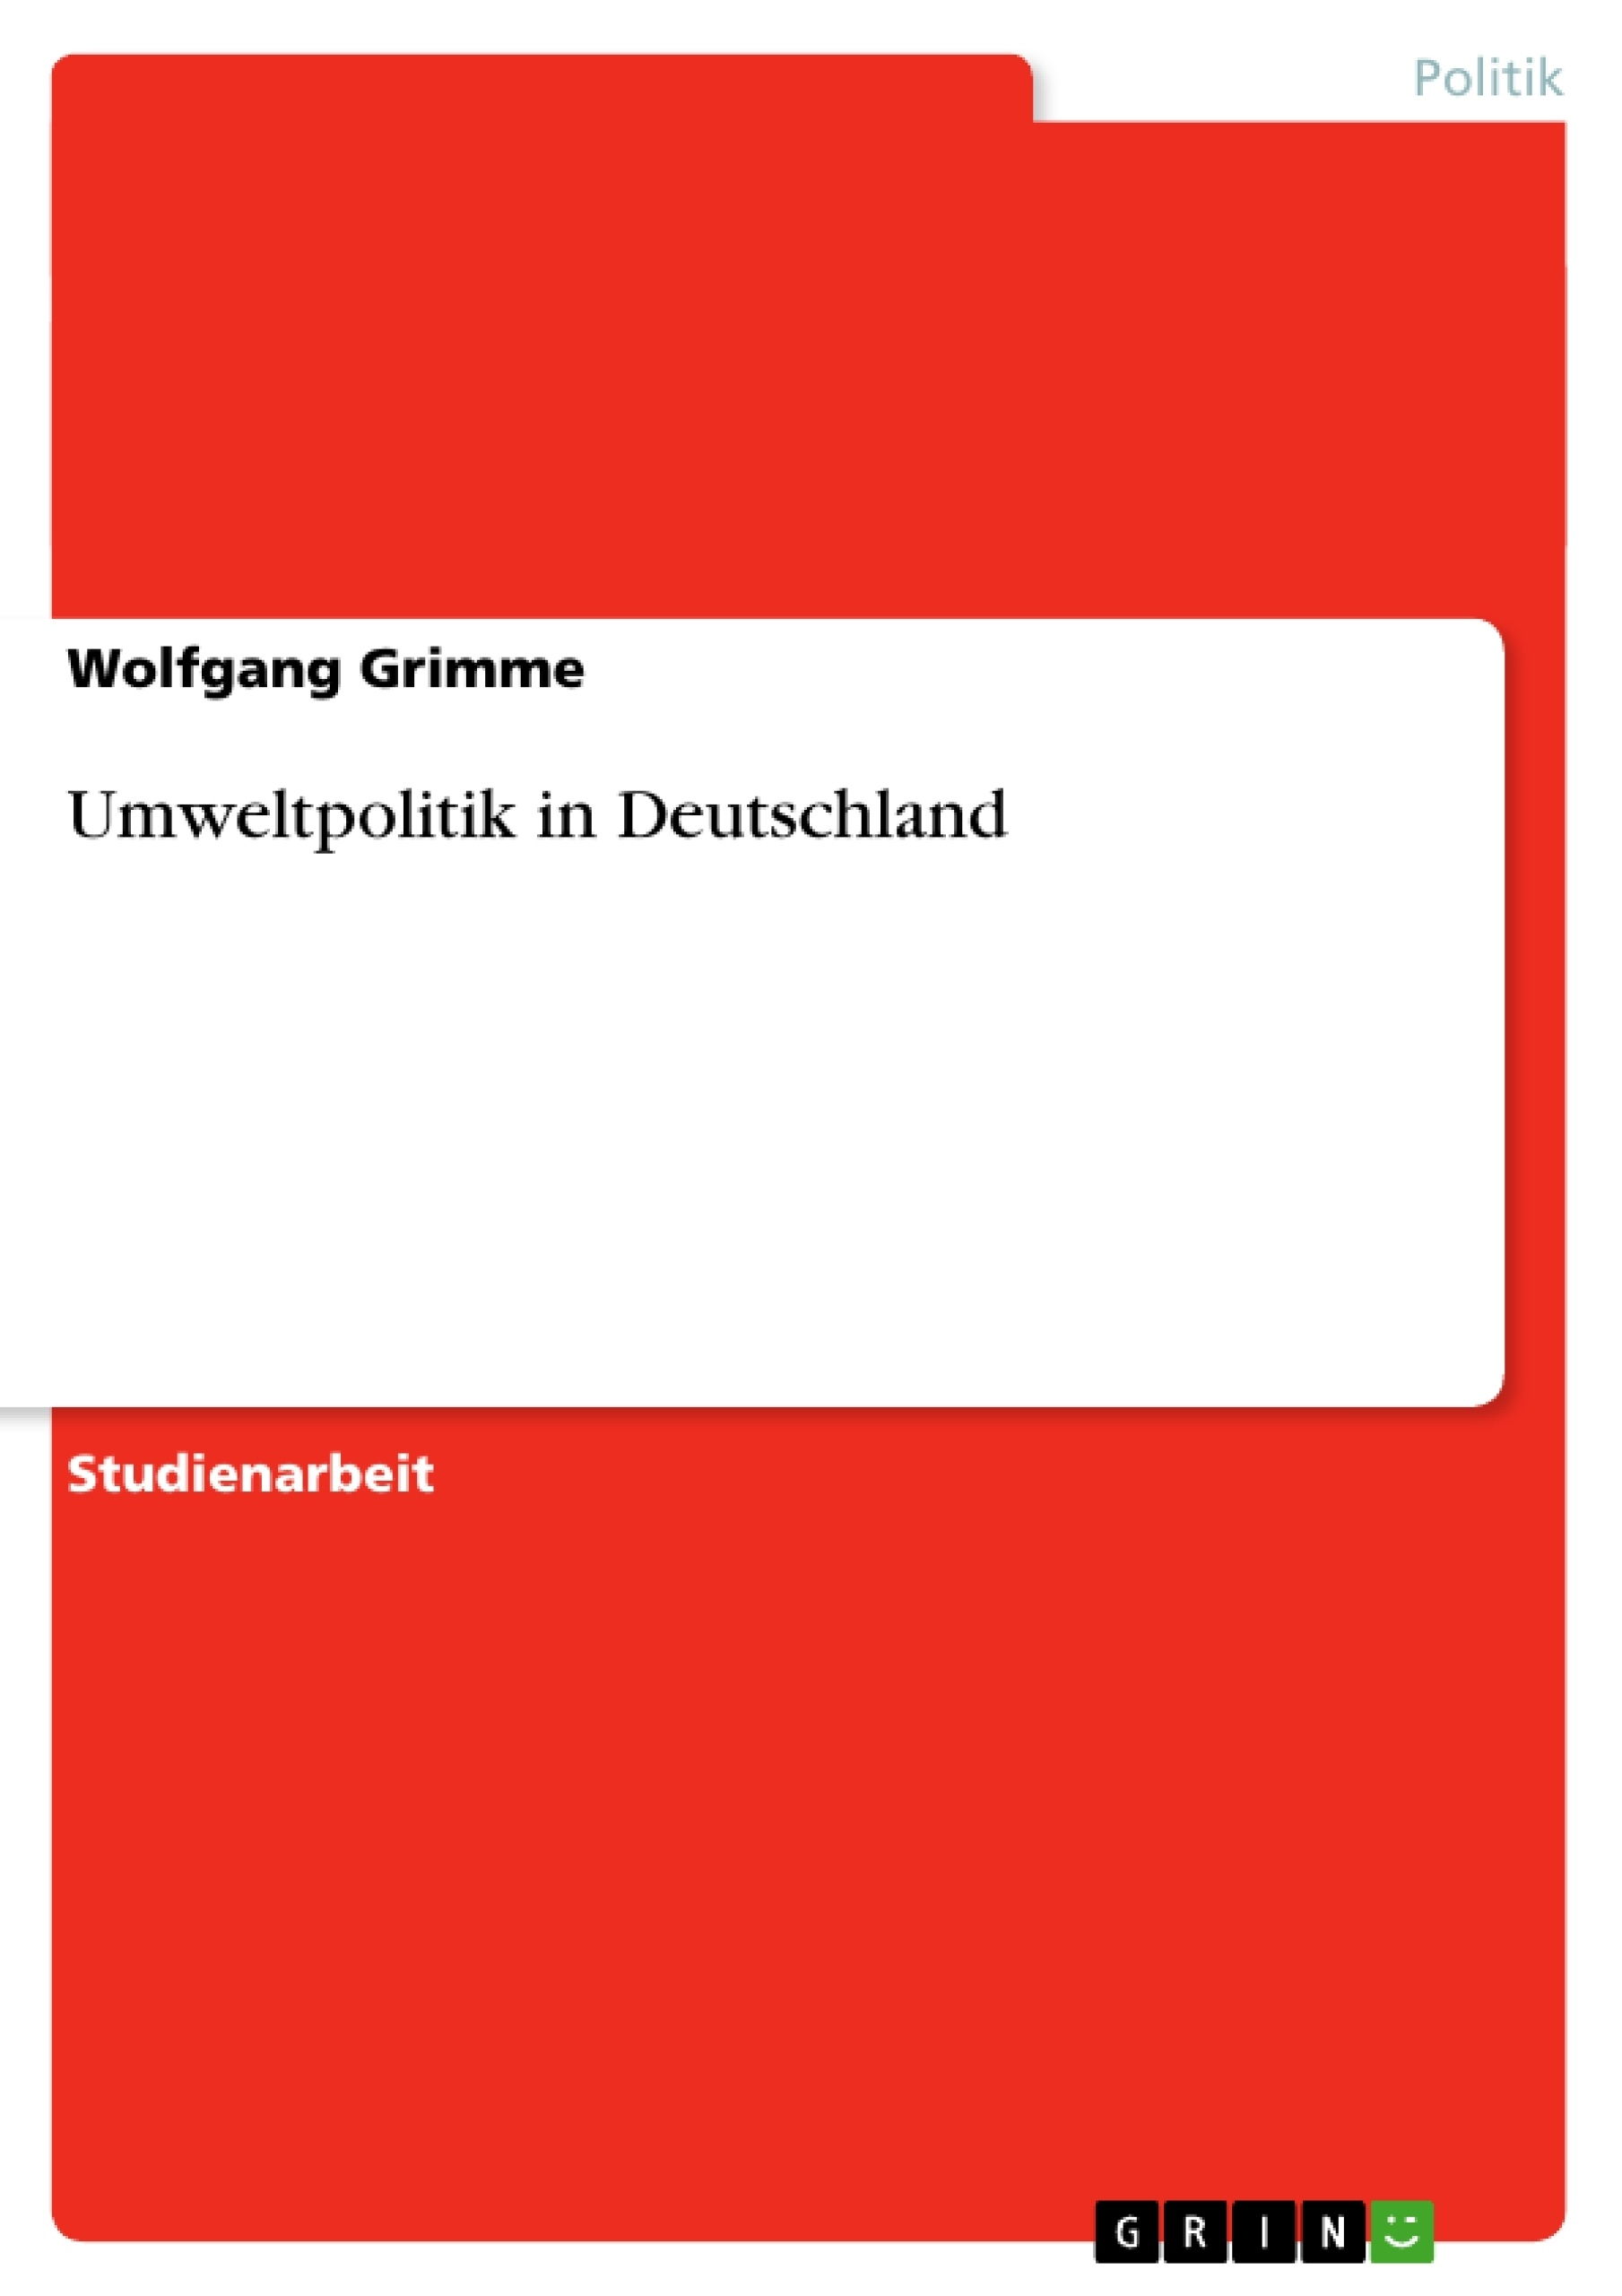 Titel: Umweltpolitik in Deutschland